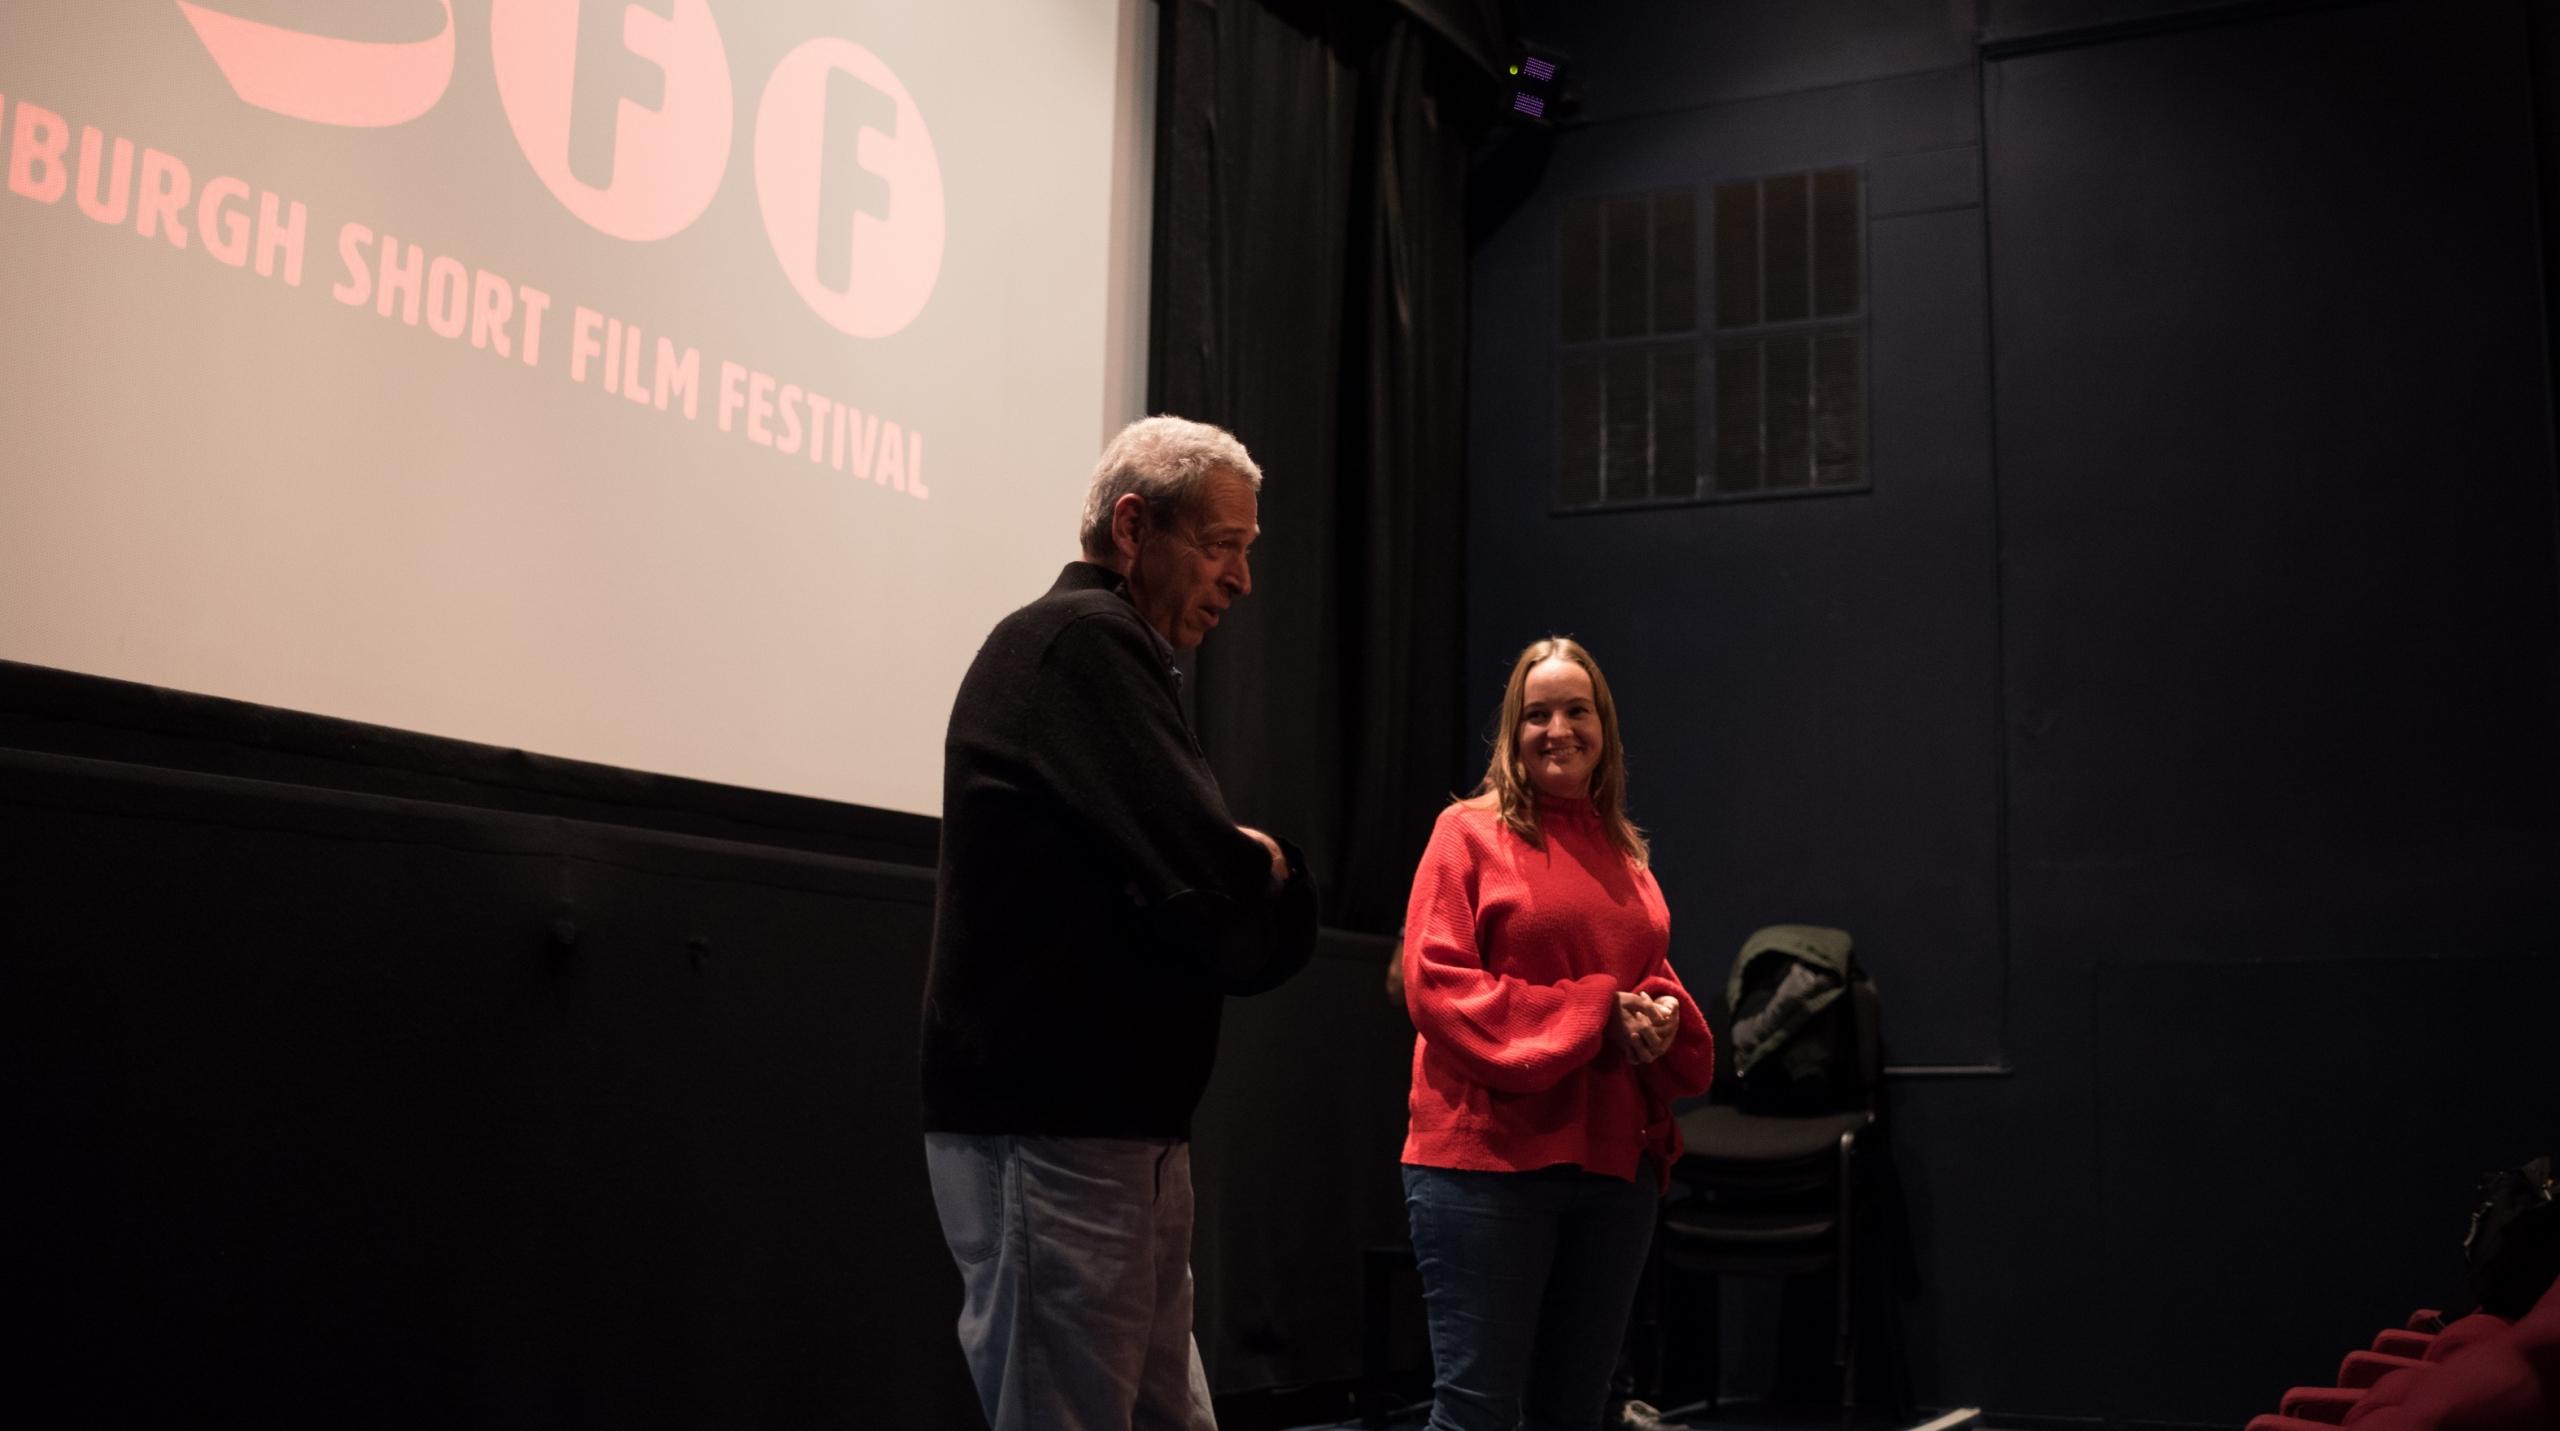 Paul Stekler at Edinburgh Short Film Festival 2019